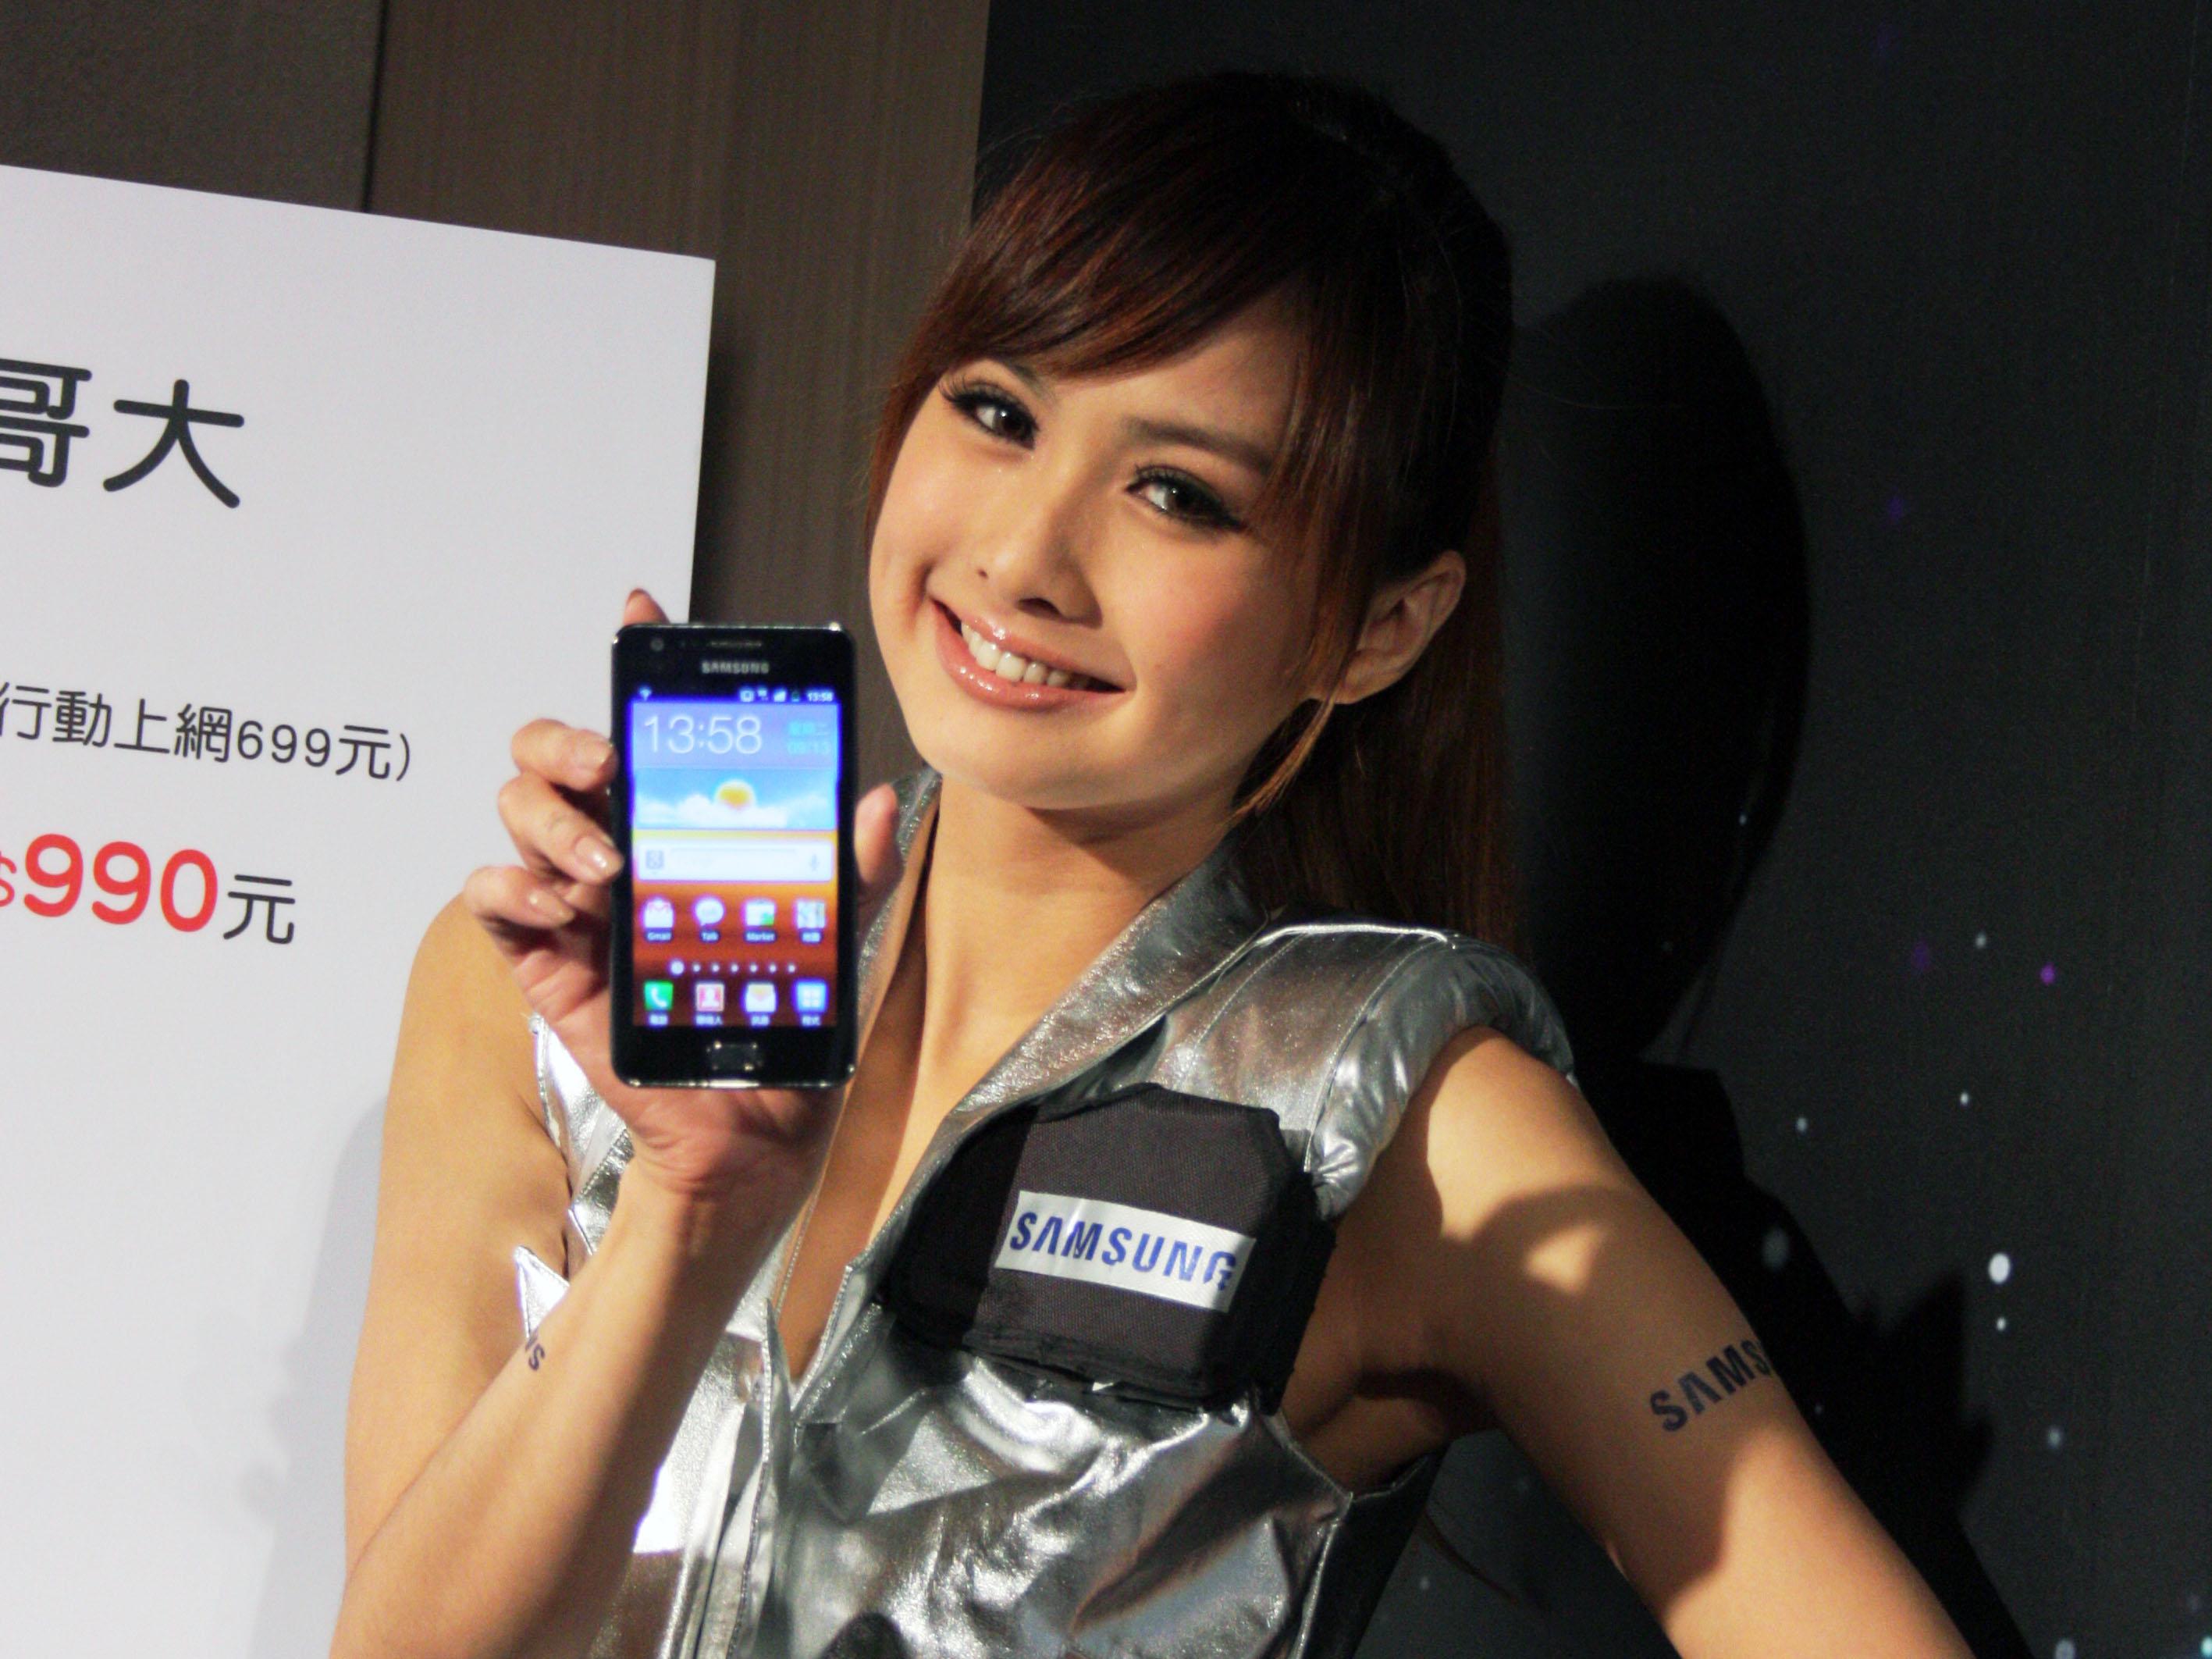 Samsung Galaxy R:高規格、中價位,SⅡ 以外的好選擇